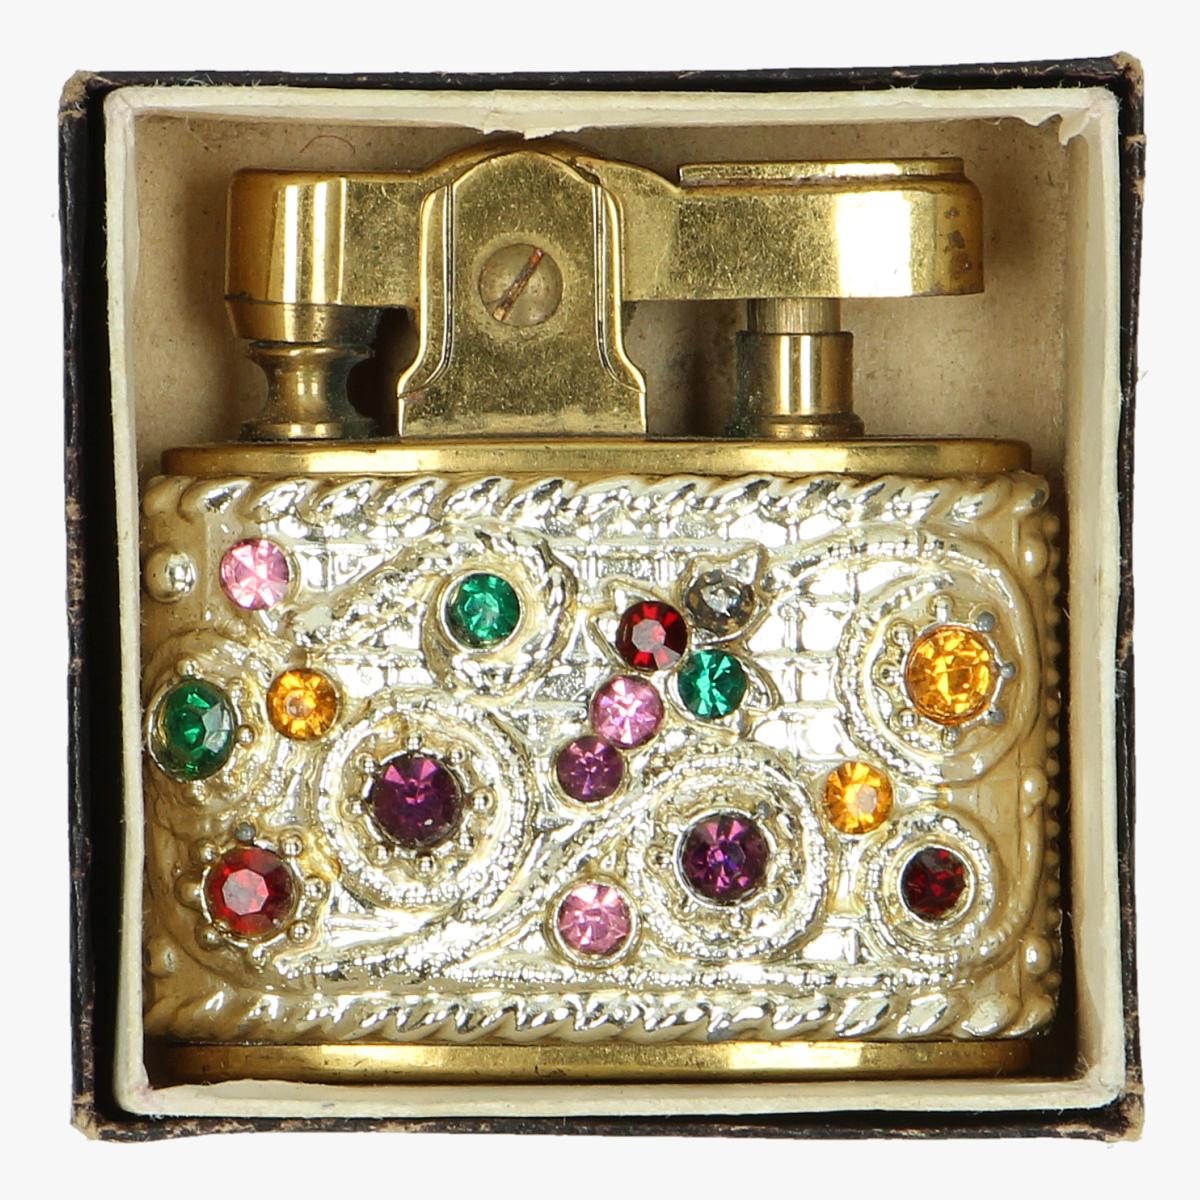 Afbeeldingen van oude aansteker toyota crown ma reine made in japan